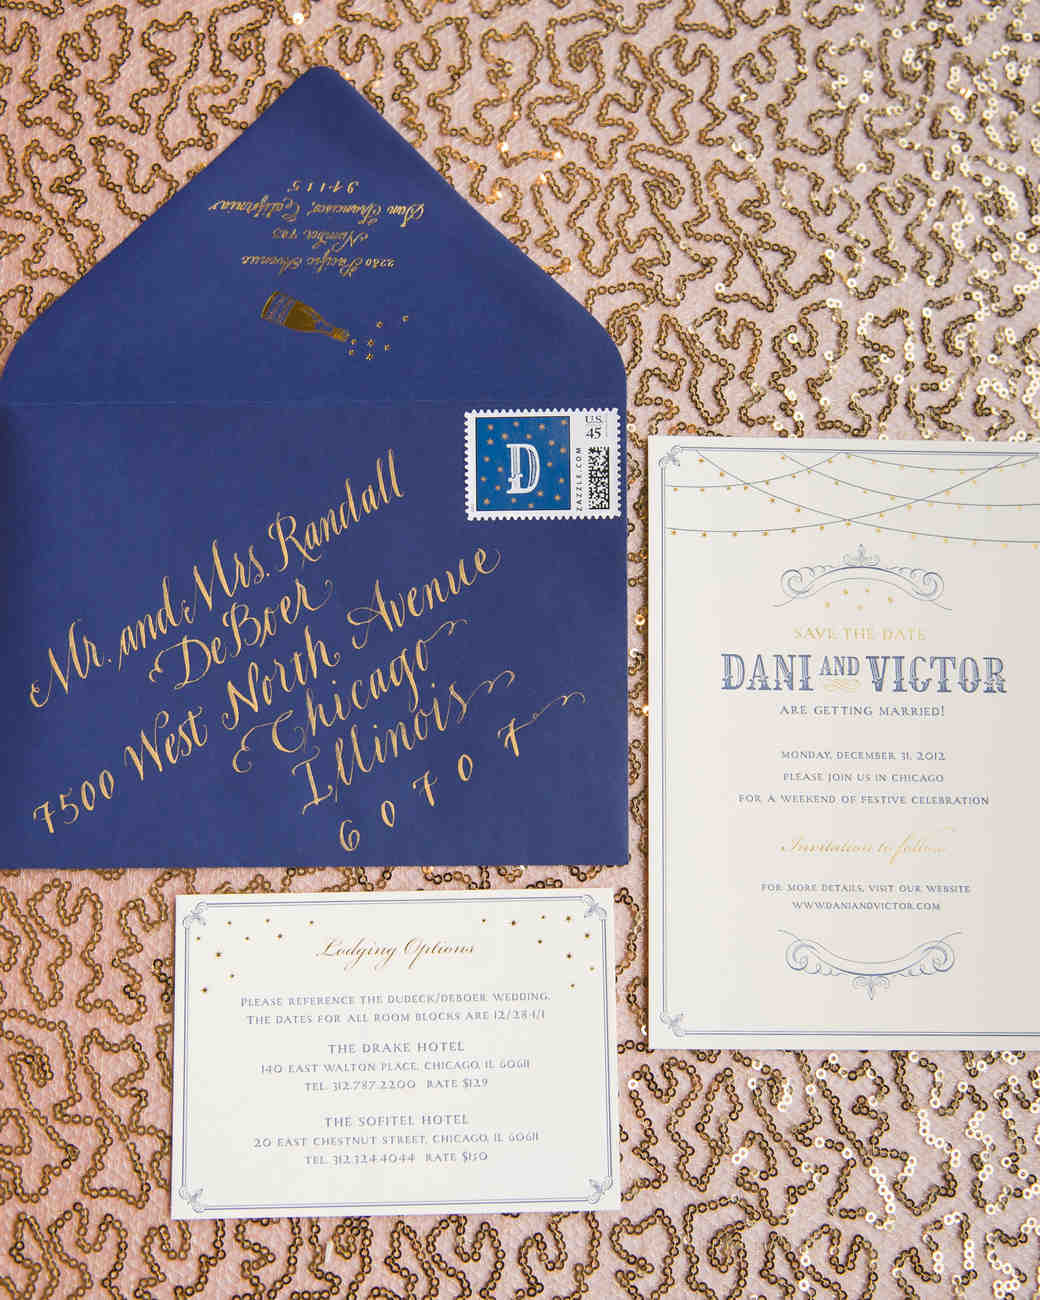 Fun And Festive Ideas For A New Yearu0027s Eve Wedding | Martha Stewart Weddings